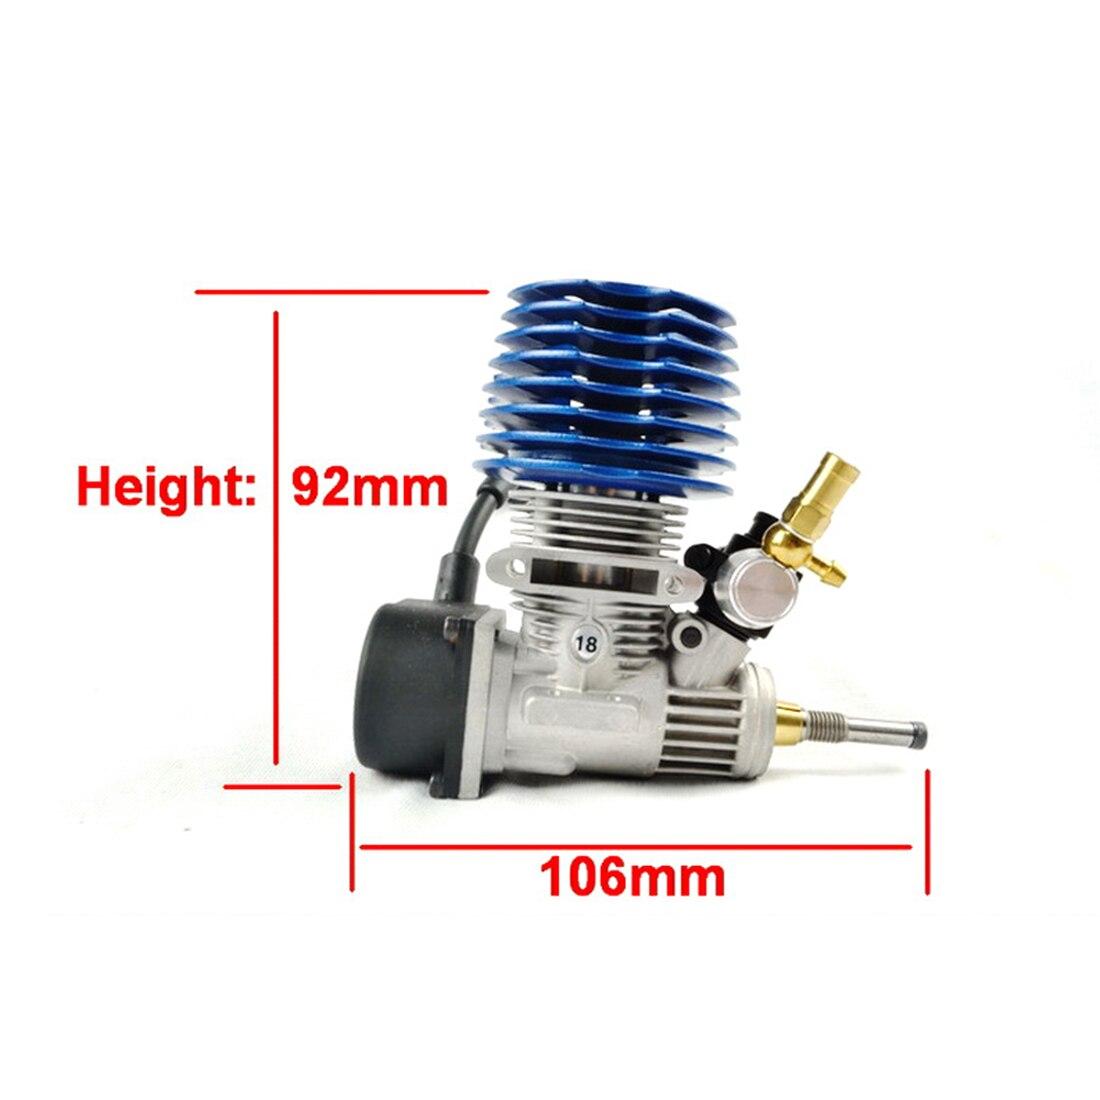 FC 18 Тяговый стартер двигателя 2.95cc двигатель для 1/10 метанола топлива RC модель автомобиля (с свечей зажигания) обучающая игрушка подарок для д... - 2